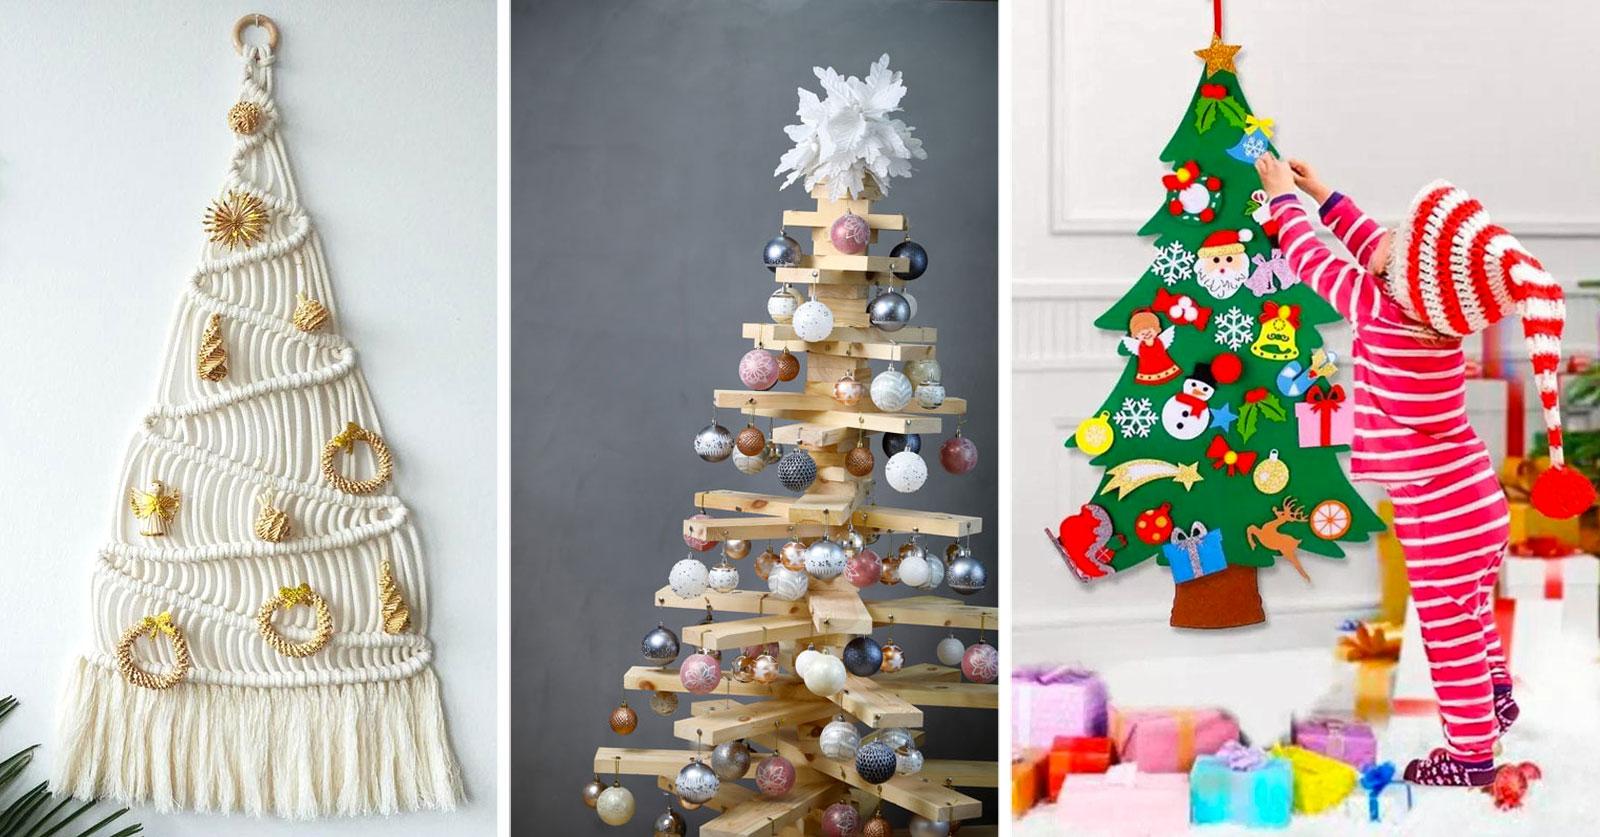 Alberi Di Natale Fai Da Te Originali.Alberi Di Natale Fai Da Te Originali E Creativi 10 Idee Da Copiare